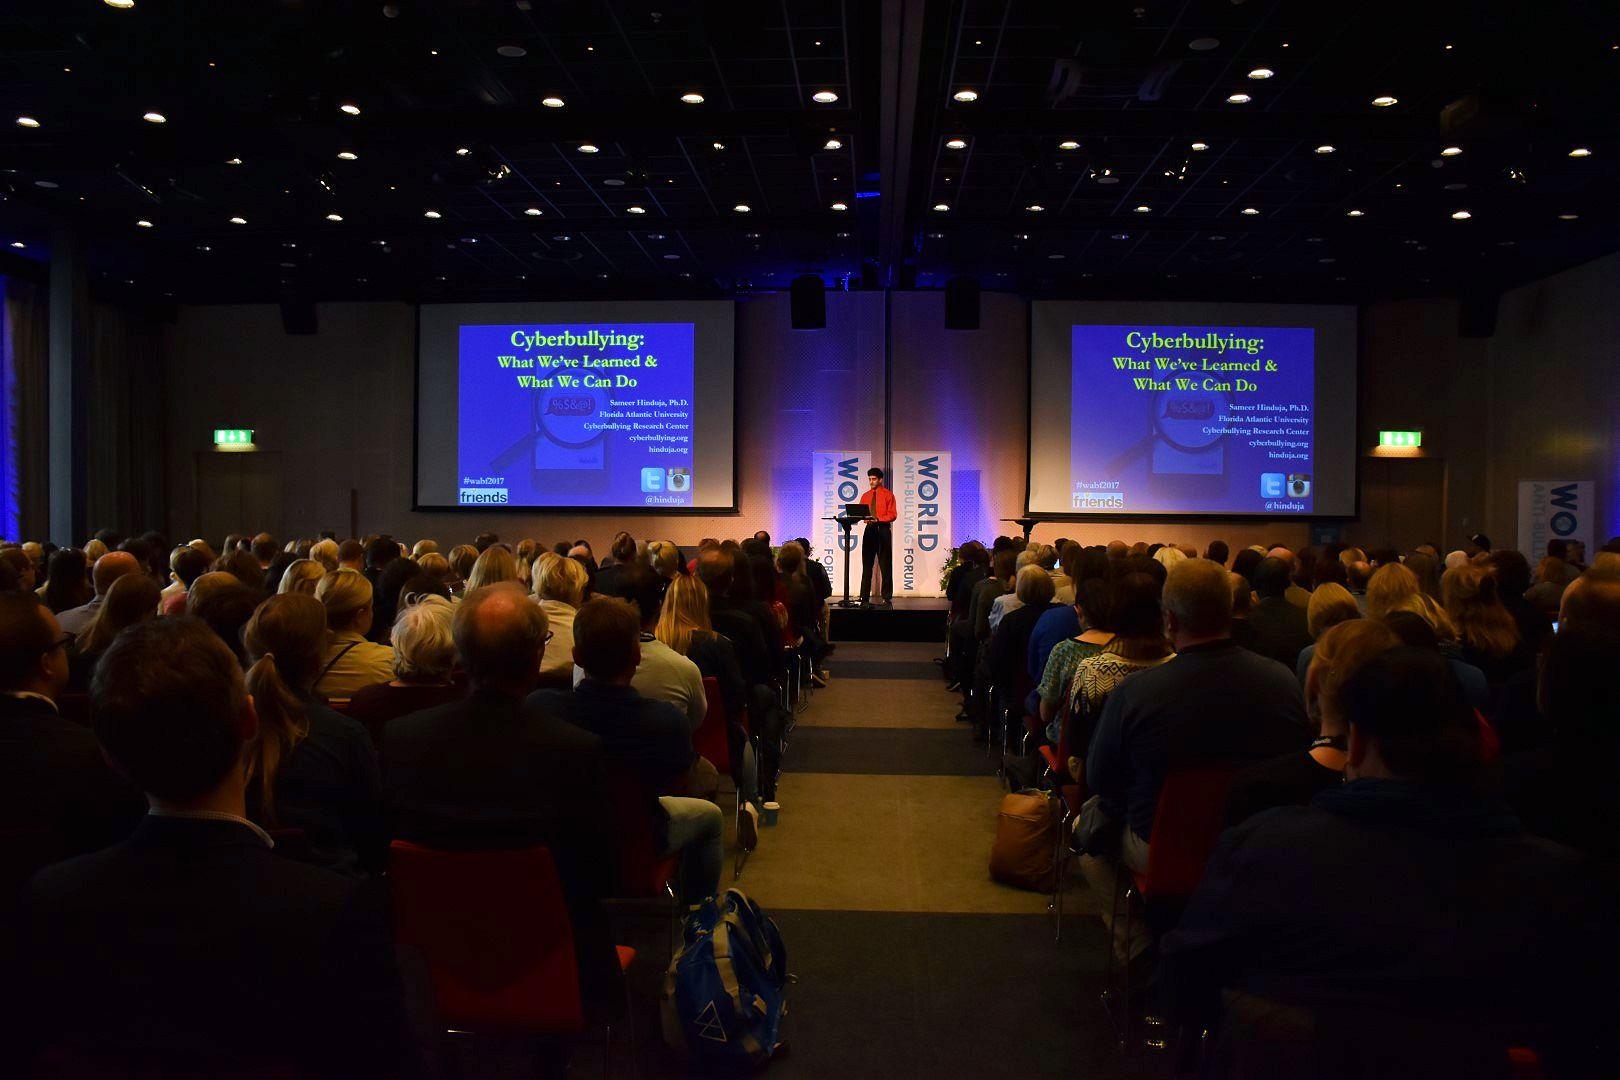 sameer hinduja cyberbullying sweden keynote 3